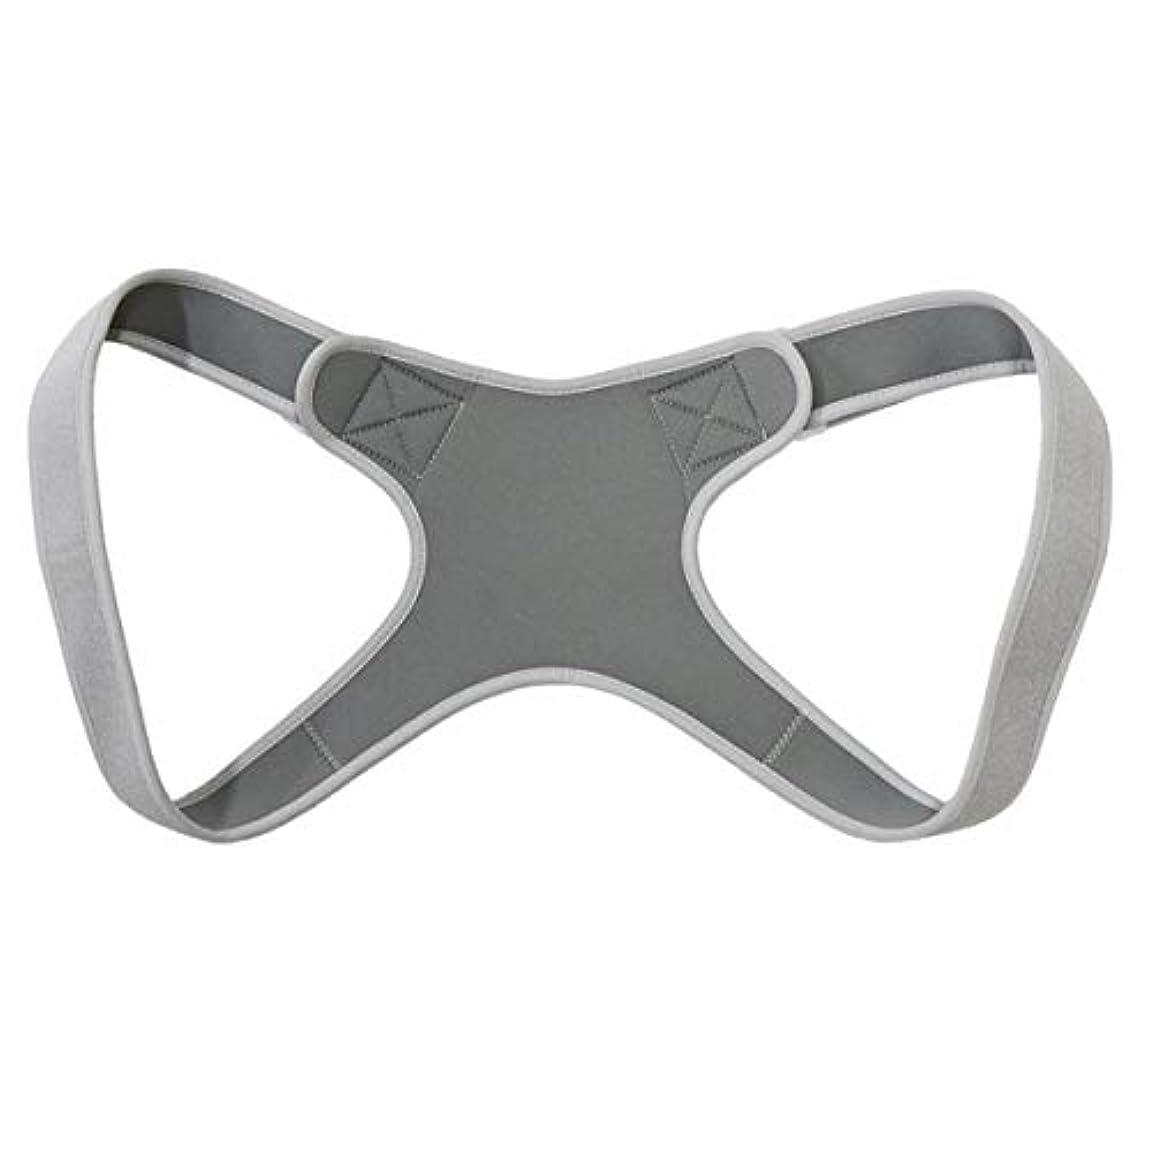 ホバーメイト水素新しいアッパーバックポスチャーコレクター姿勢鎖骨サポートコレクターバックストレートショルダーブレースストラップコレクター - グレー